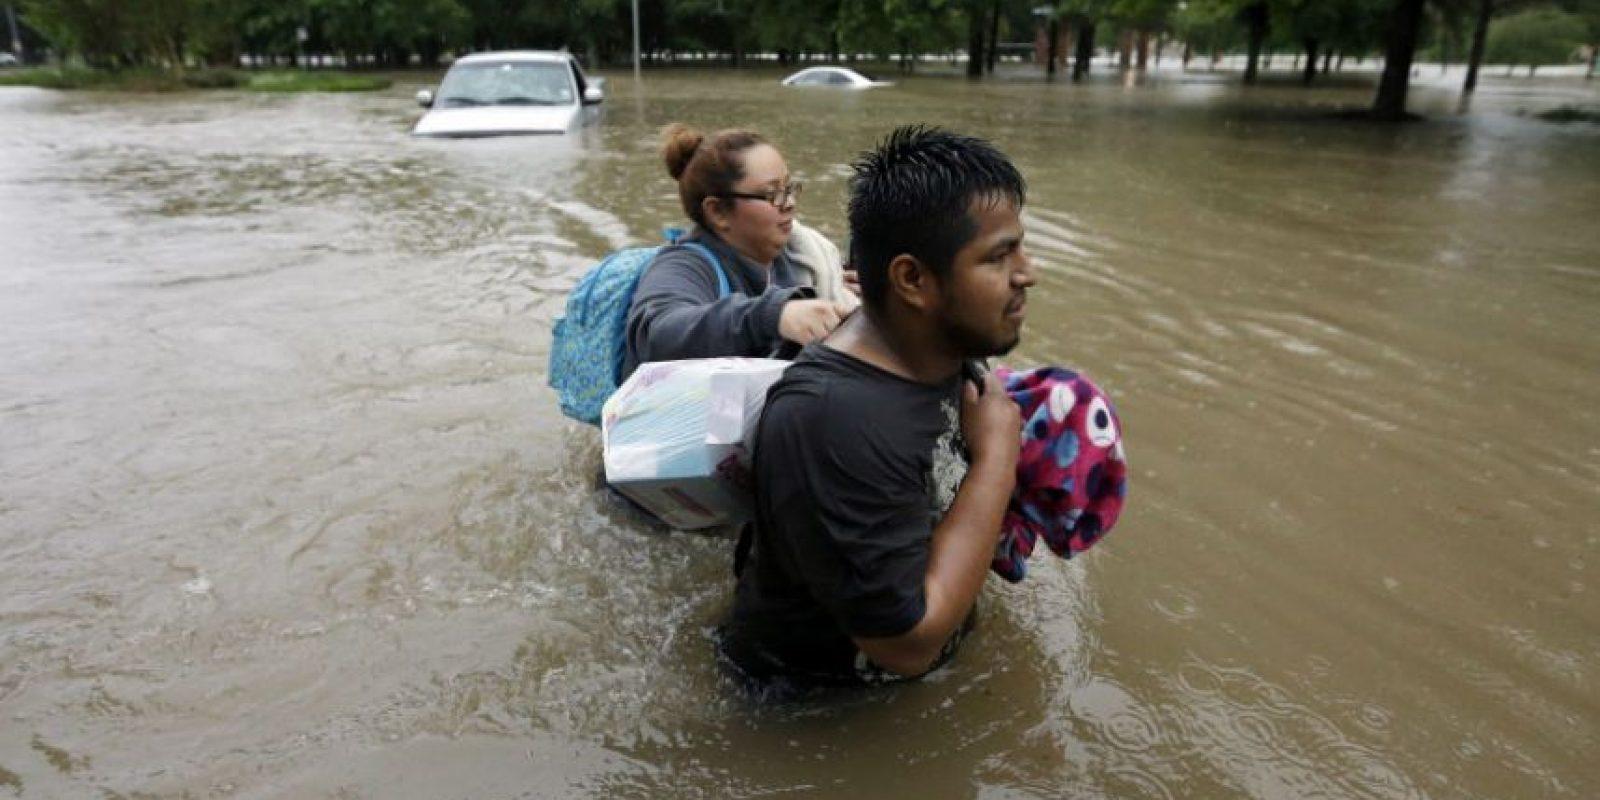 Margarita Uribe y su esposo, Juan Juárez, caminan entre el agua mientras salen del edificio de apartamentos inundado en donde viven. Foto:AP